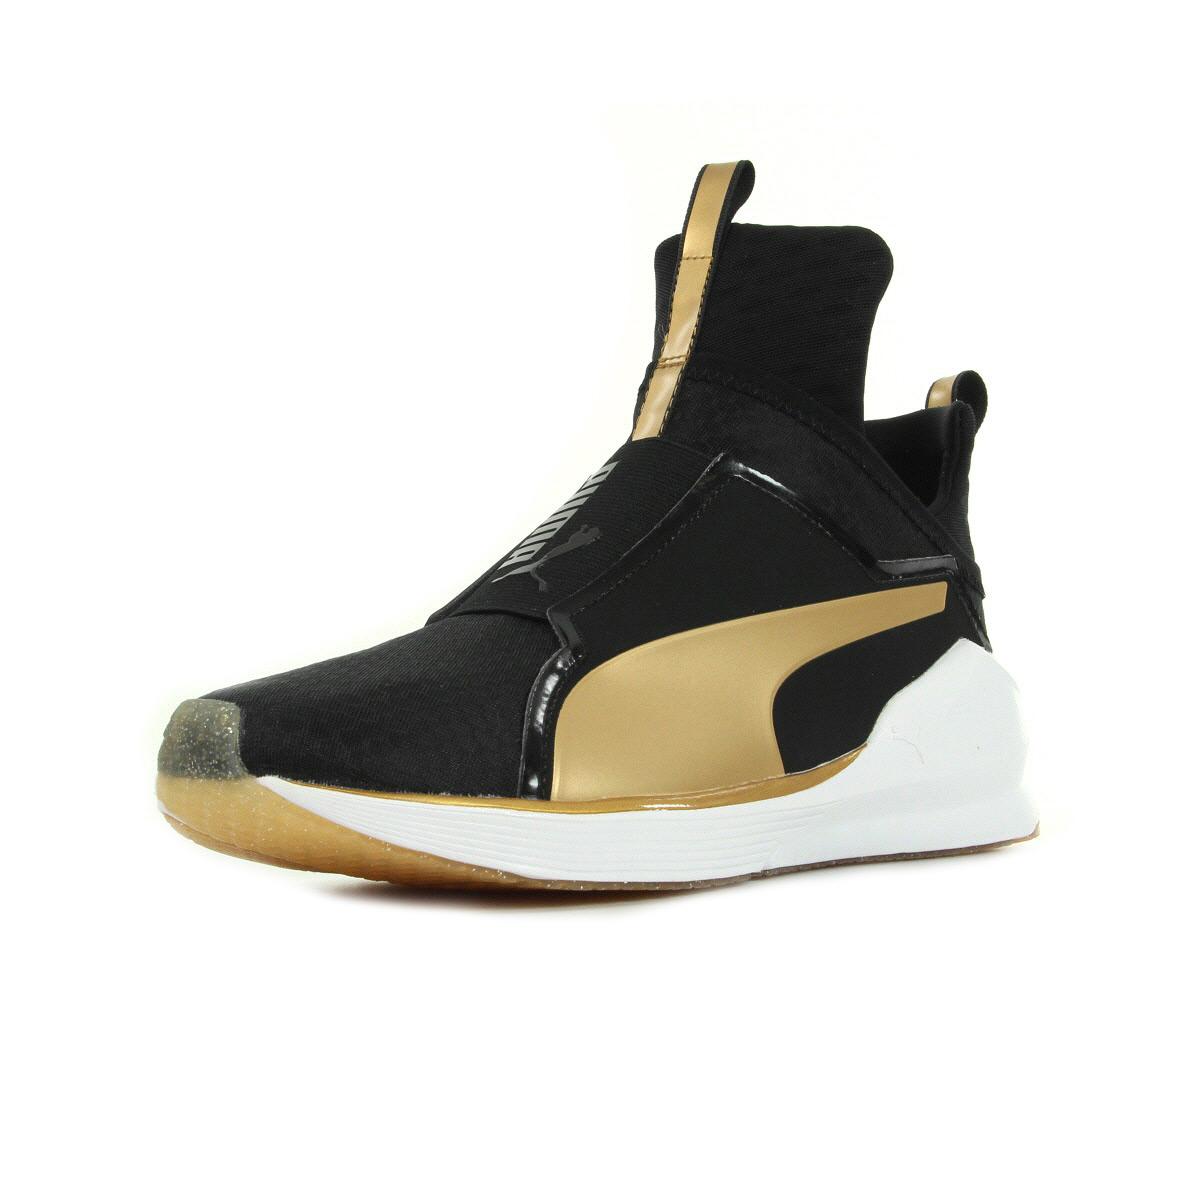 Chaussures Baskets Puma femme Fierce GOLD taille Noir Noire Textile A enfiler